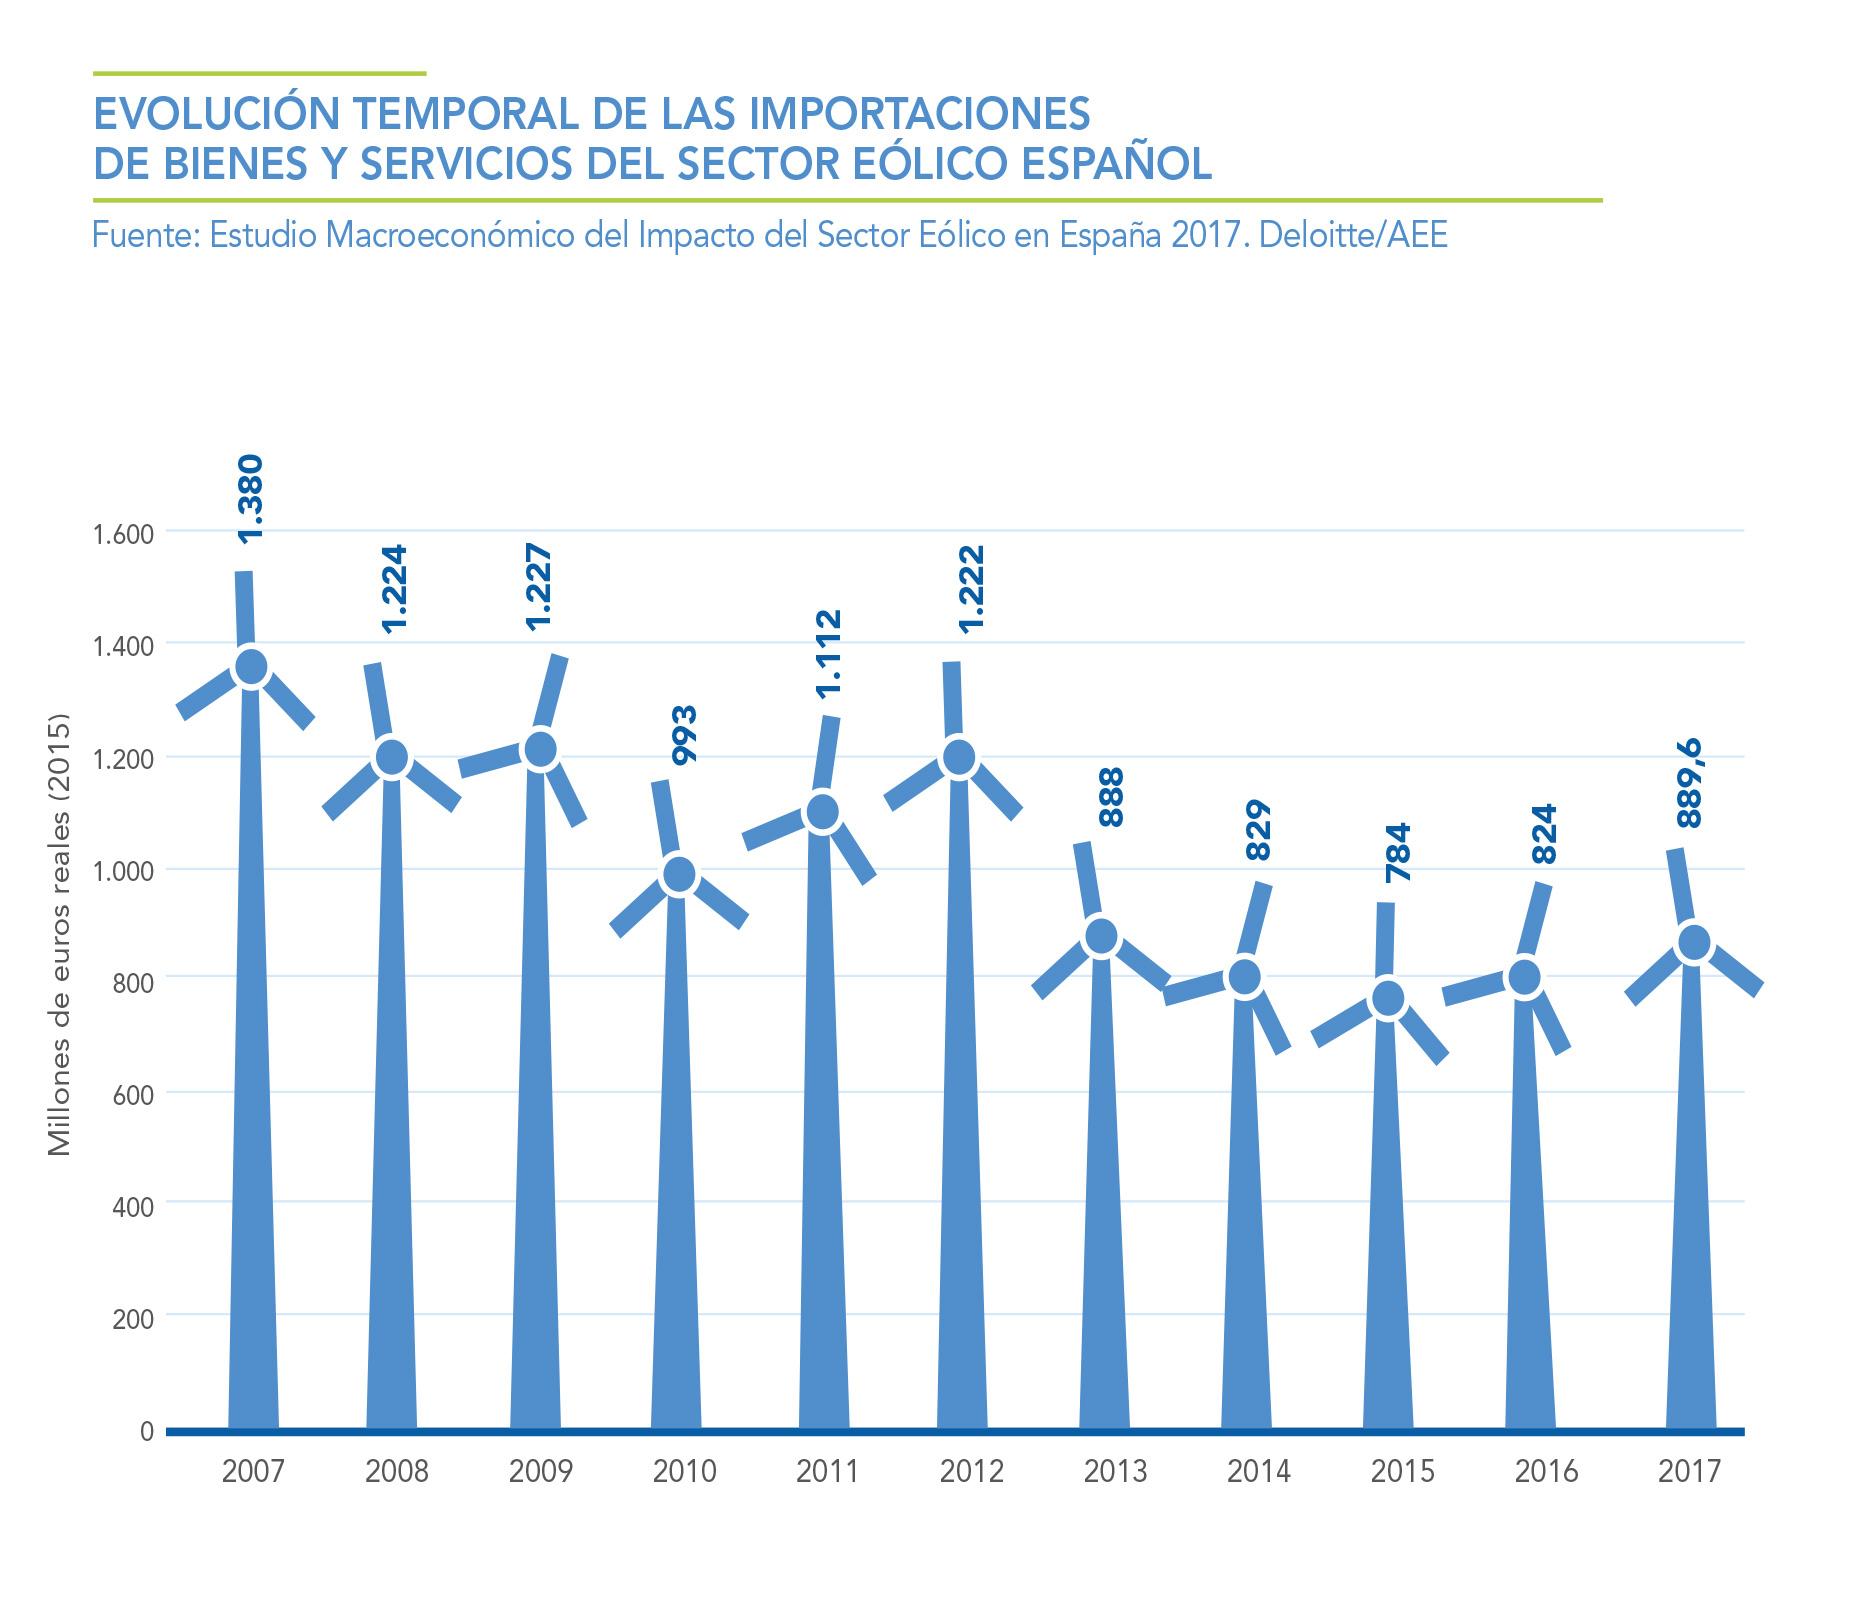 EVOLUCION-TEMPORAL-DE-LAS-IMPORTACIONES-DE-BIENES-Y-SERVICIOS-DEL-SECTOR-EOLICO-ESPAOL